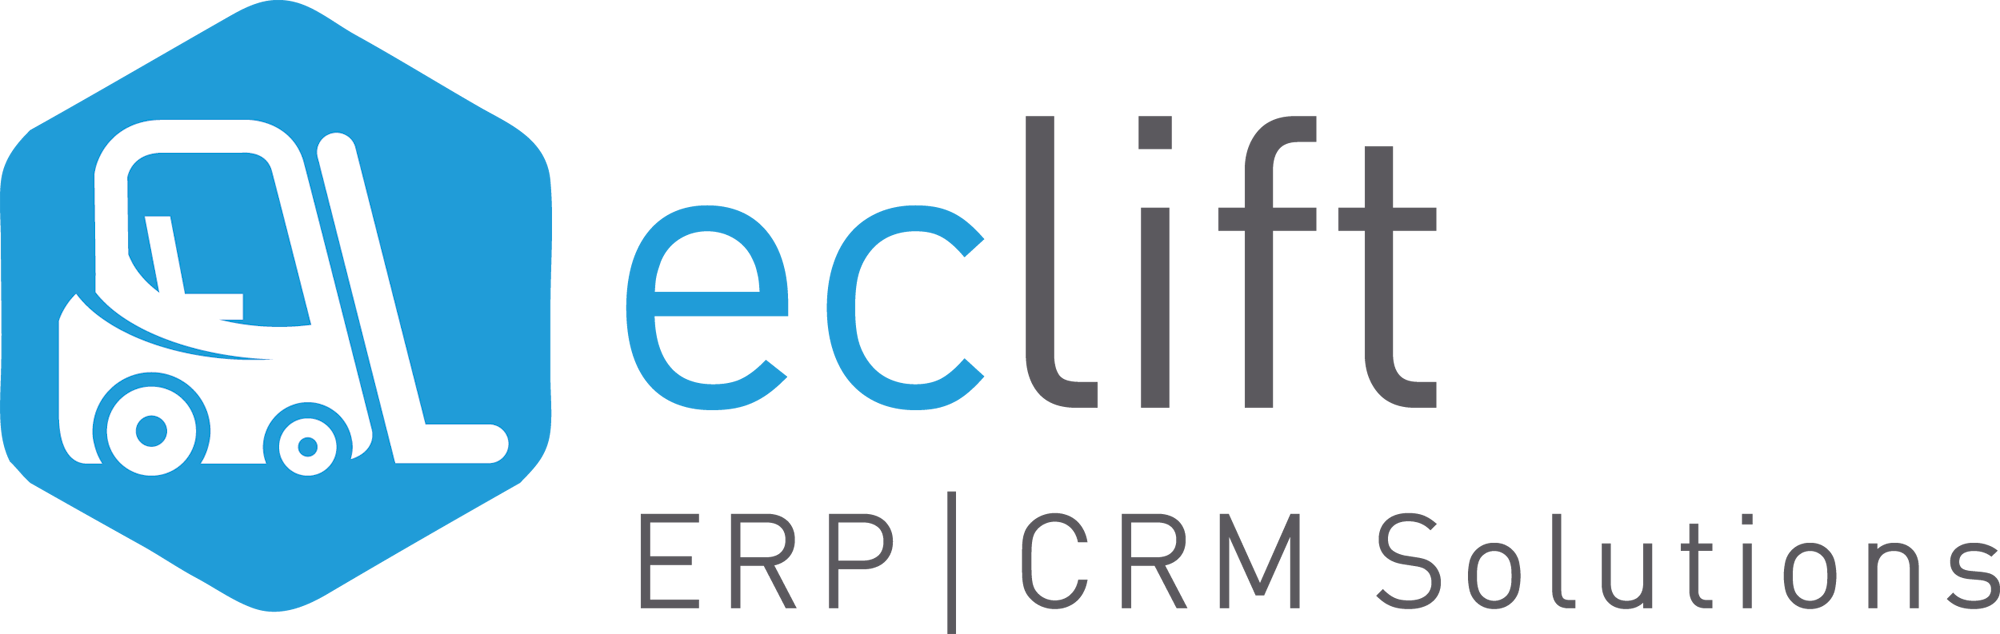 logo_eclift